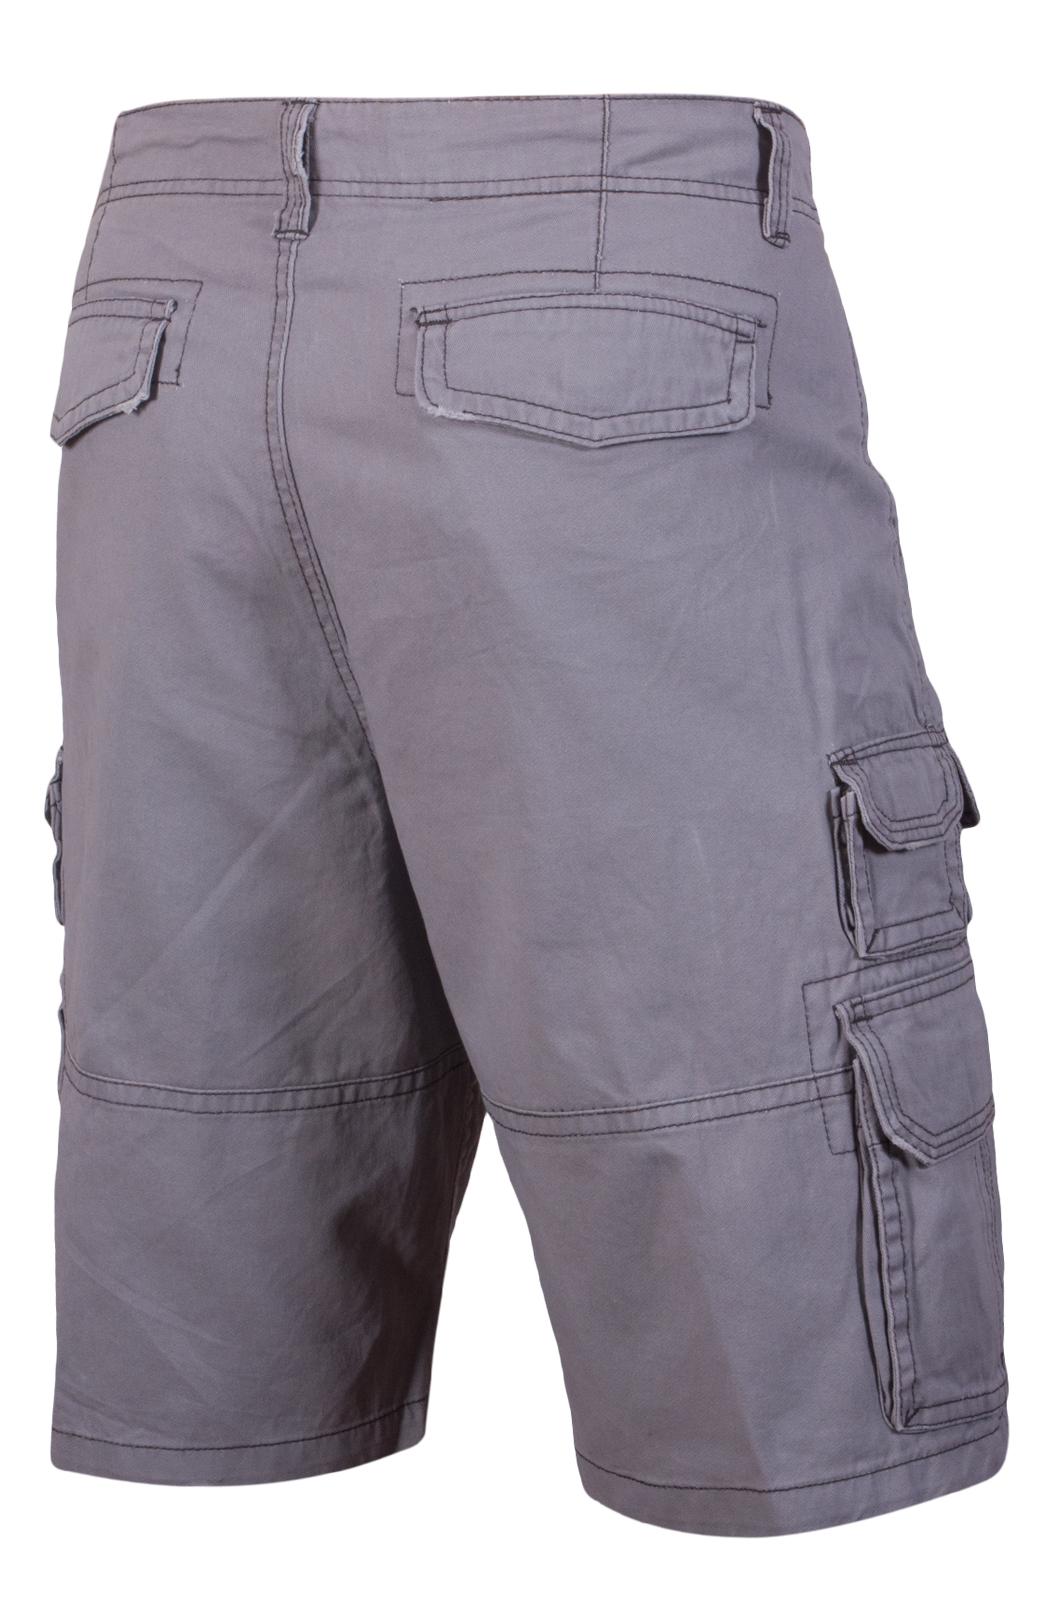 Шорты мужские серые - купить онлайн